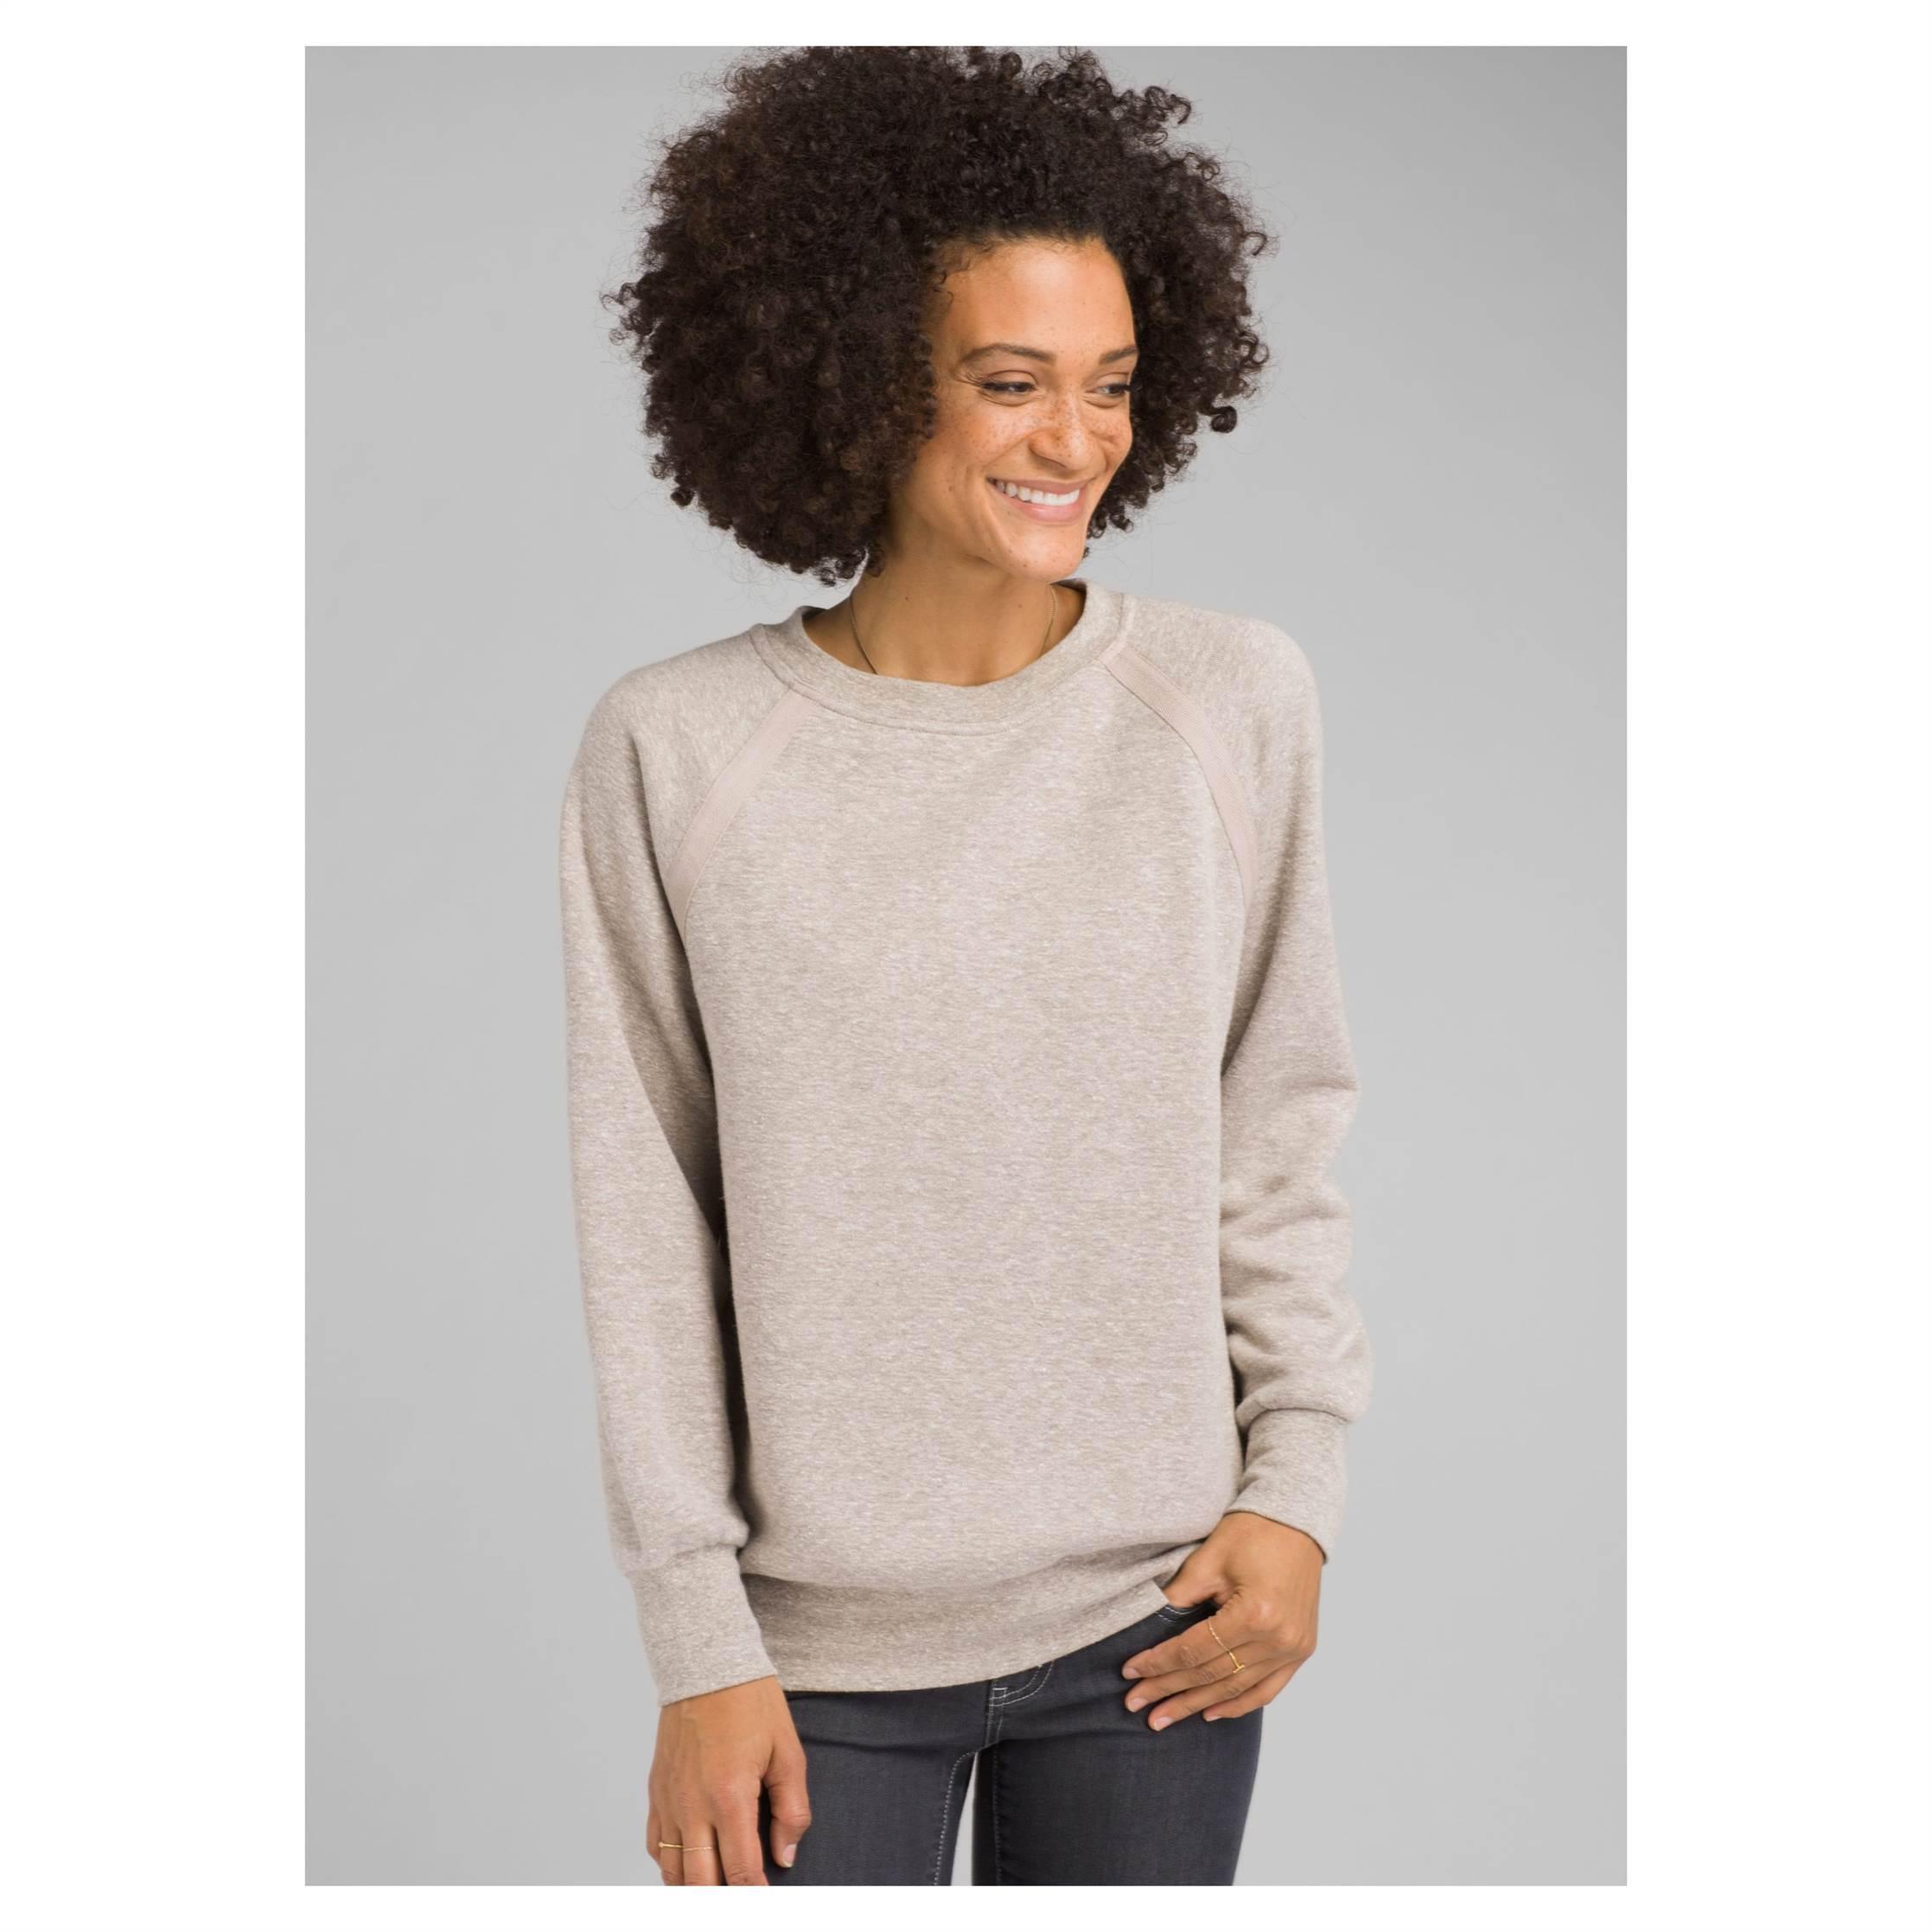 Cozy Up Sweatshirt - Women's